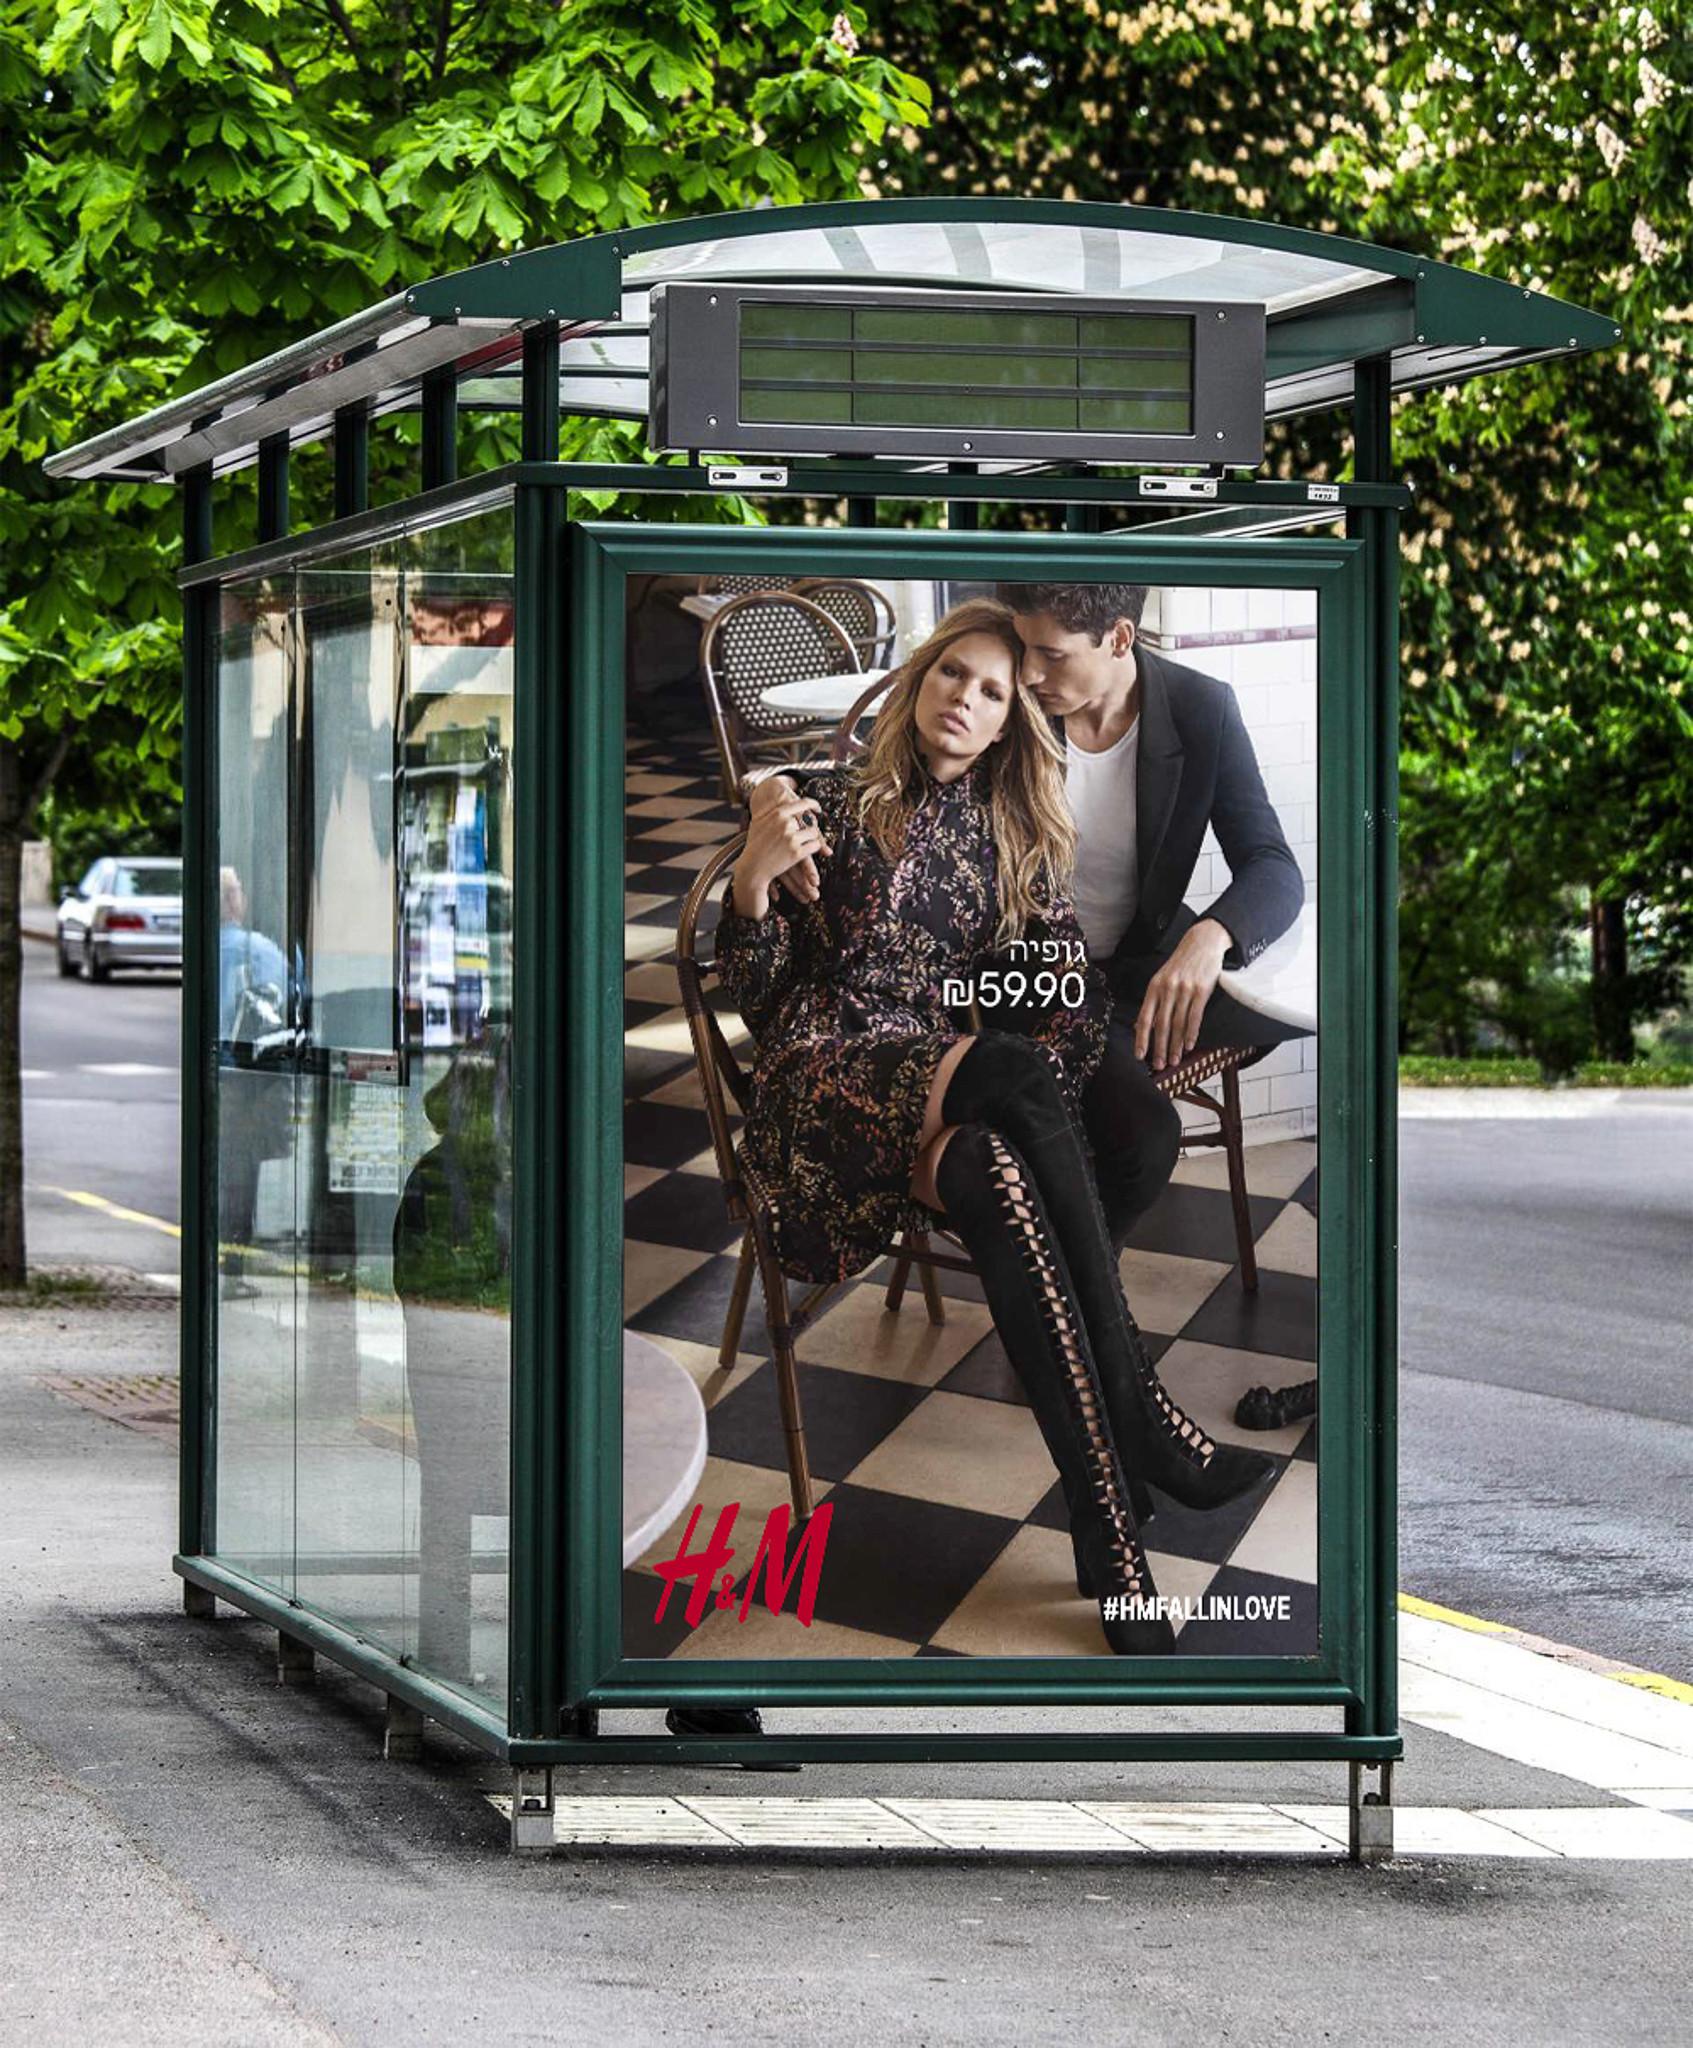 H&M_Romi Nicole Schneider-4.jpg